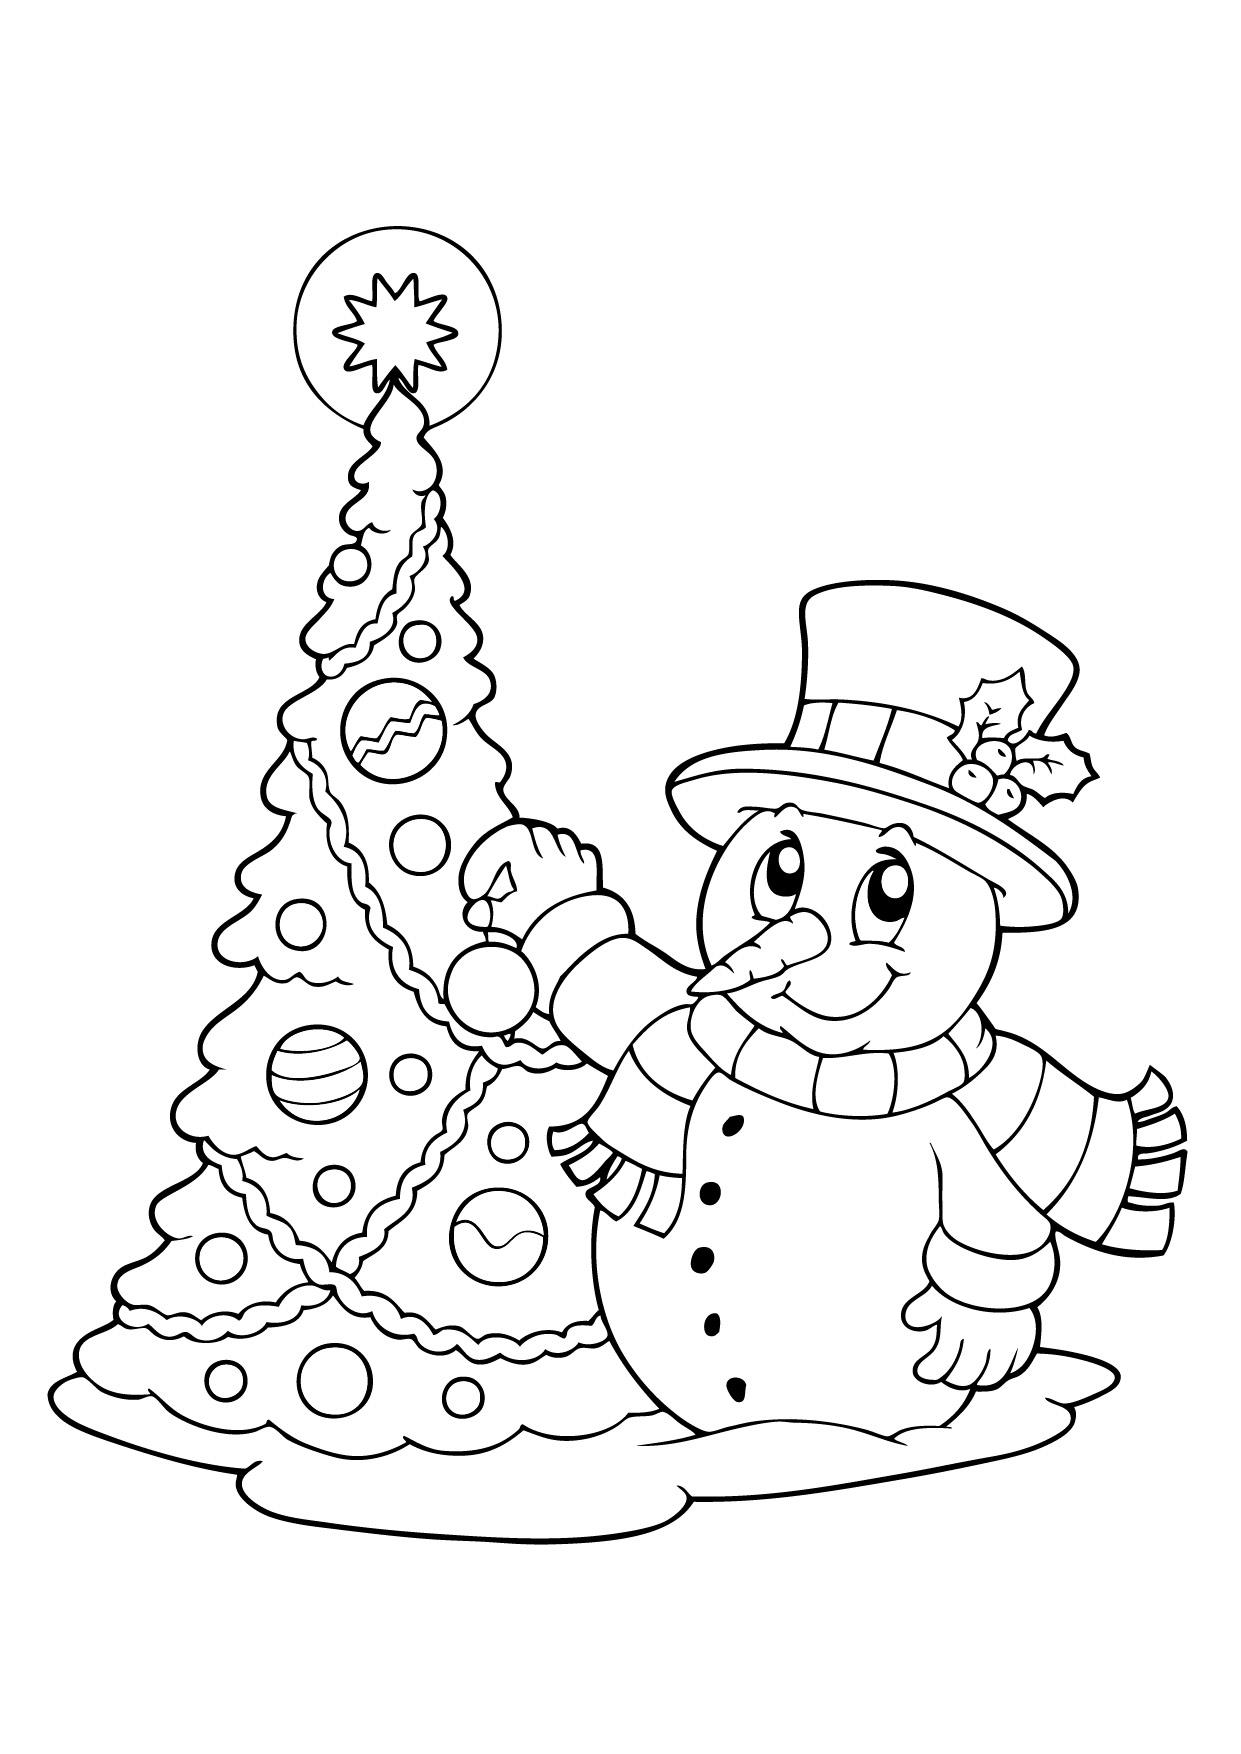 интересные детские раскраски на тему зима